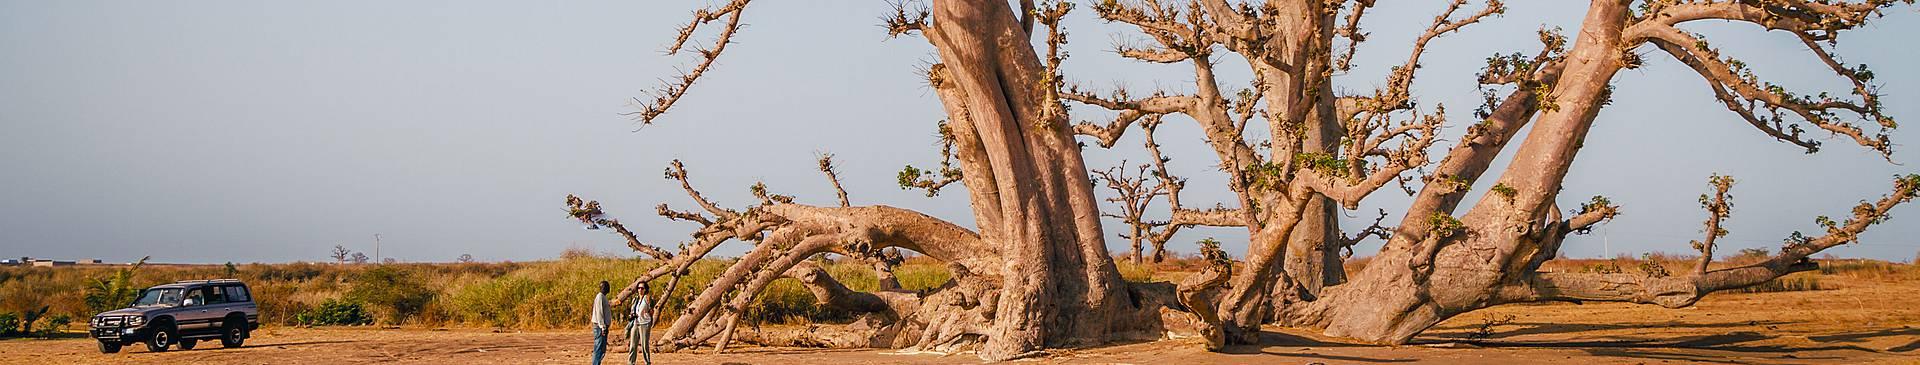 Viajes al desierto de Senegal